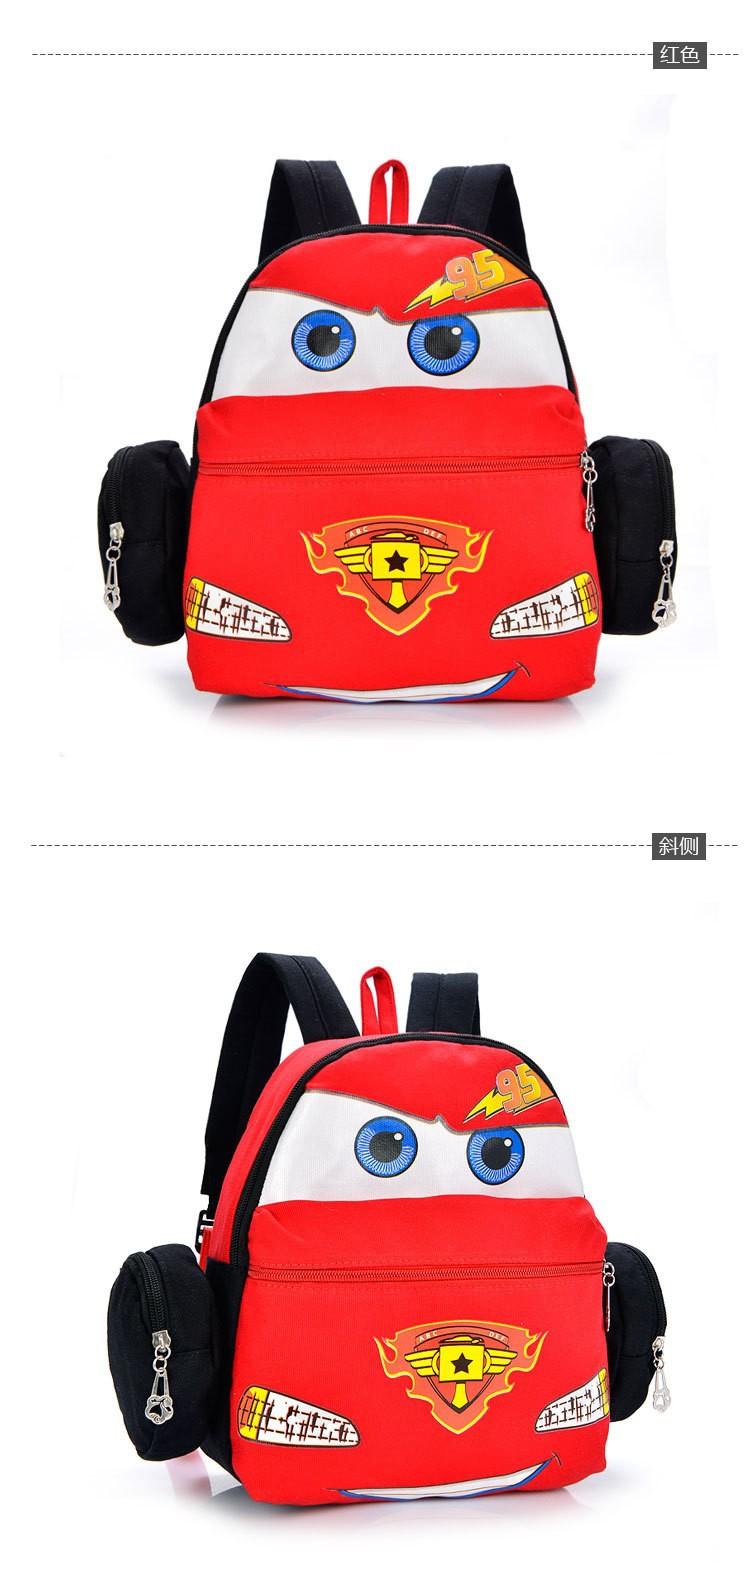 в новом стиле Мода и прохладный пакет ученица 4124school школы мешок мешок школы детский сад дети рюкзак a59879321